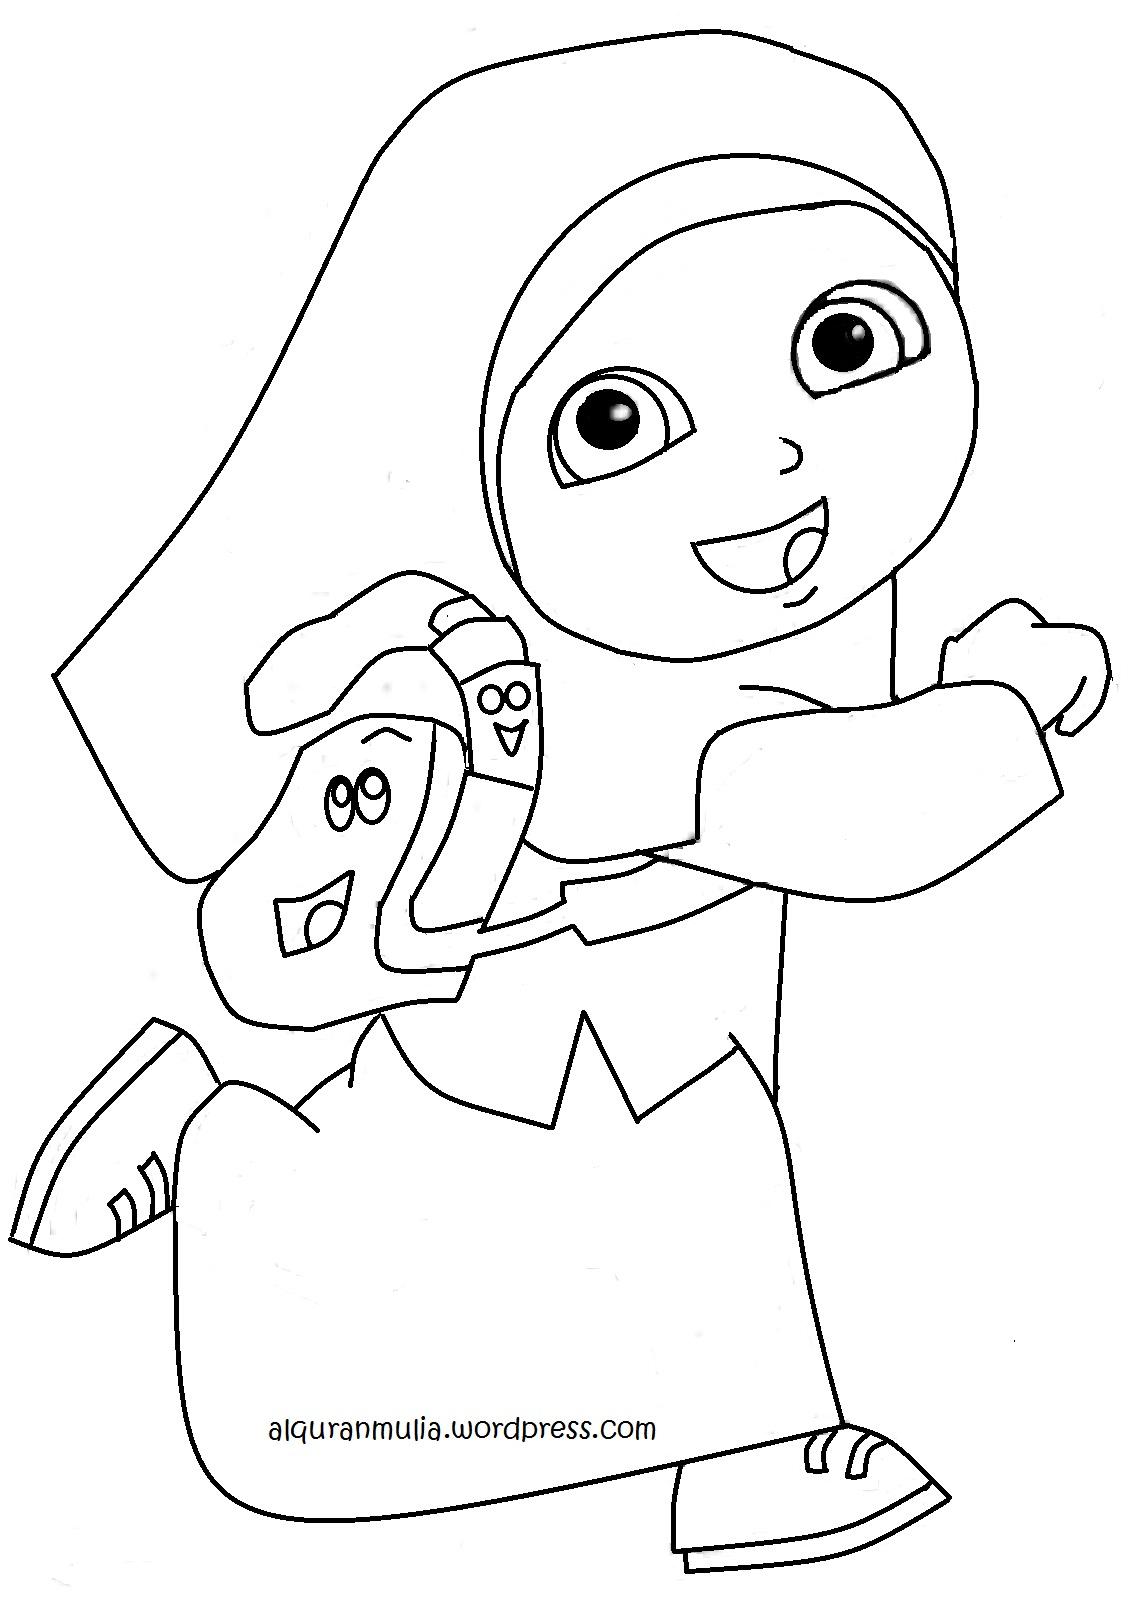 Mewarnai Gambar Dora Anak Muslimah Alquranmulia